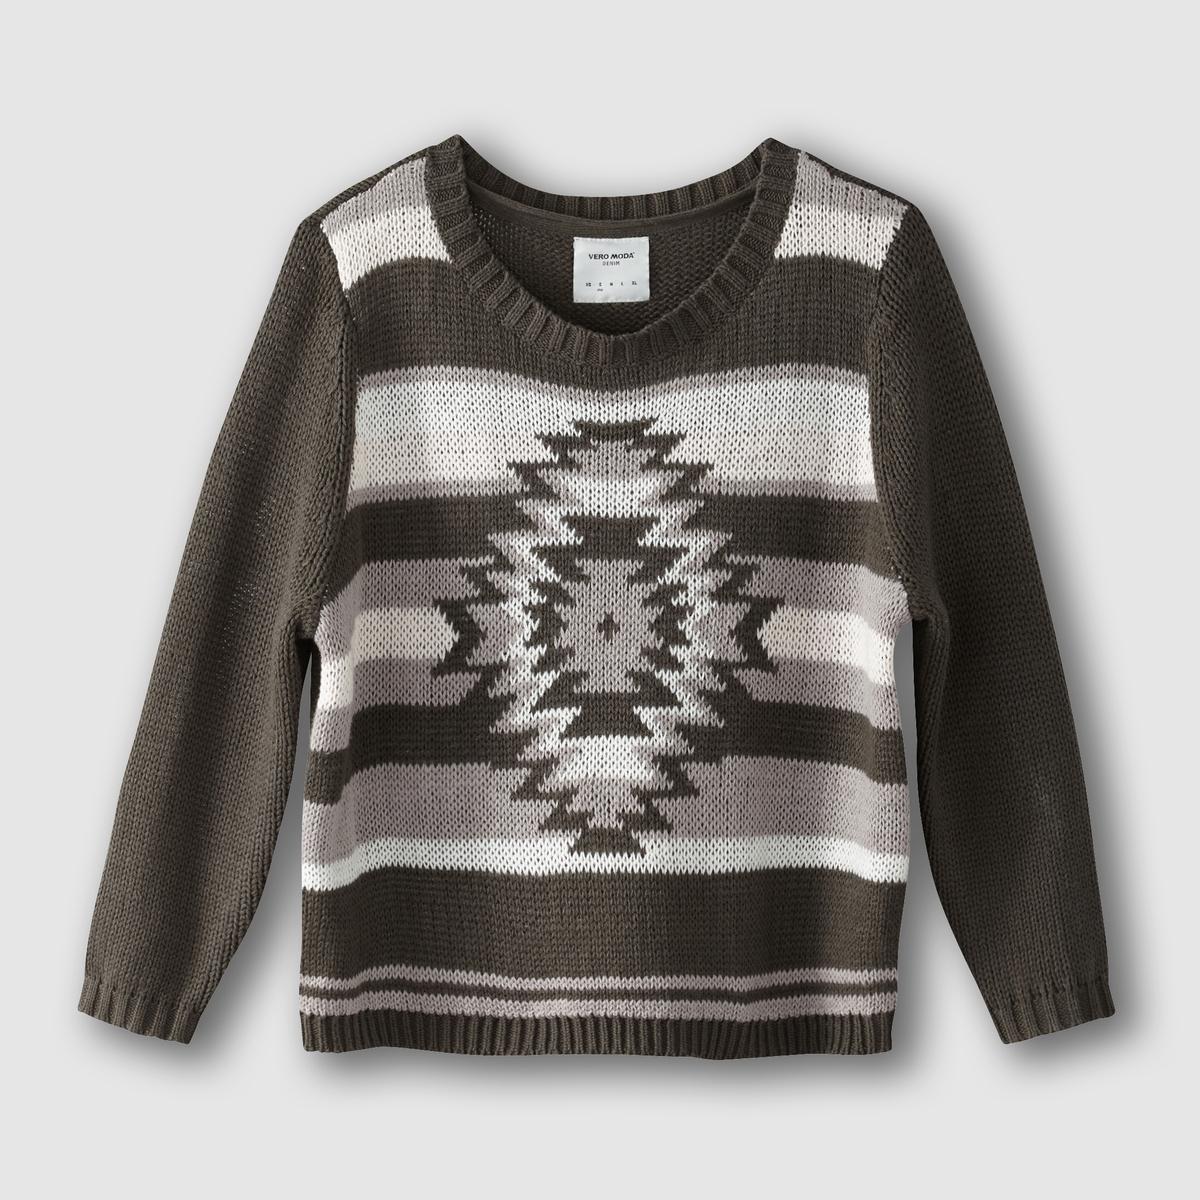 Пуловер с этническим орнаментом и круглым вырезом VERO MODA, VMjaney